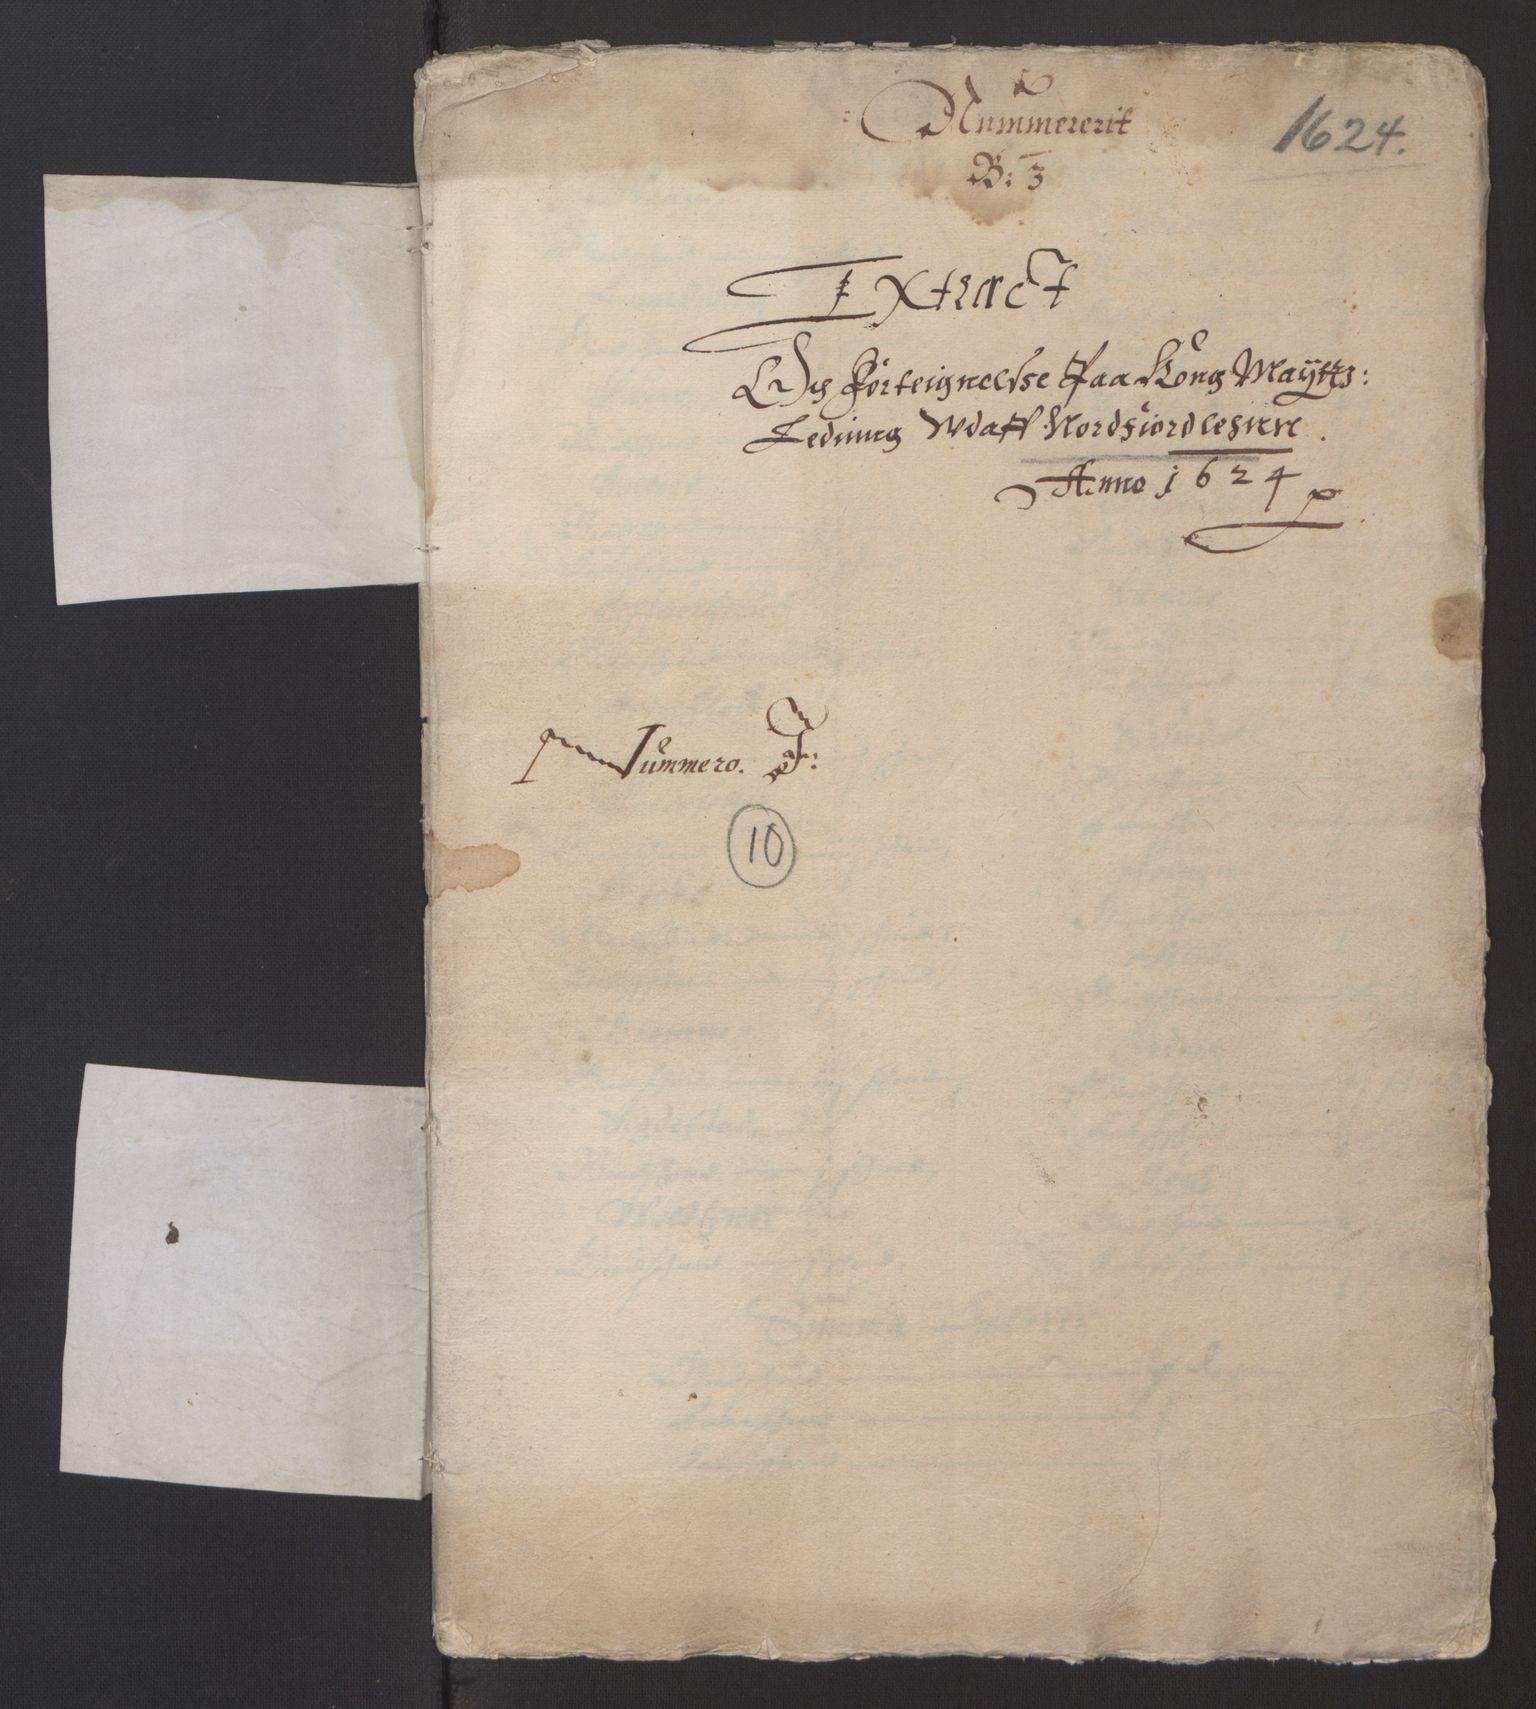 RA, Stattholderembetet 1572-1771, Ek/L0003: Jordebøker til utlikning av garnisonsskatt 1624-1626:, 1624-1625, s. 270